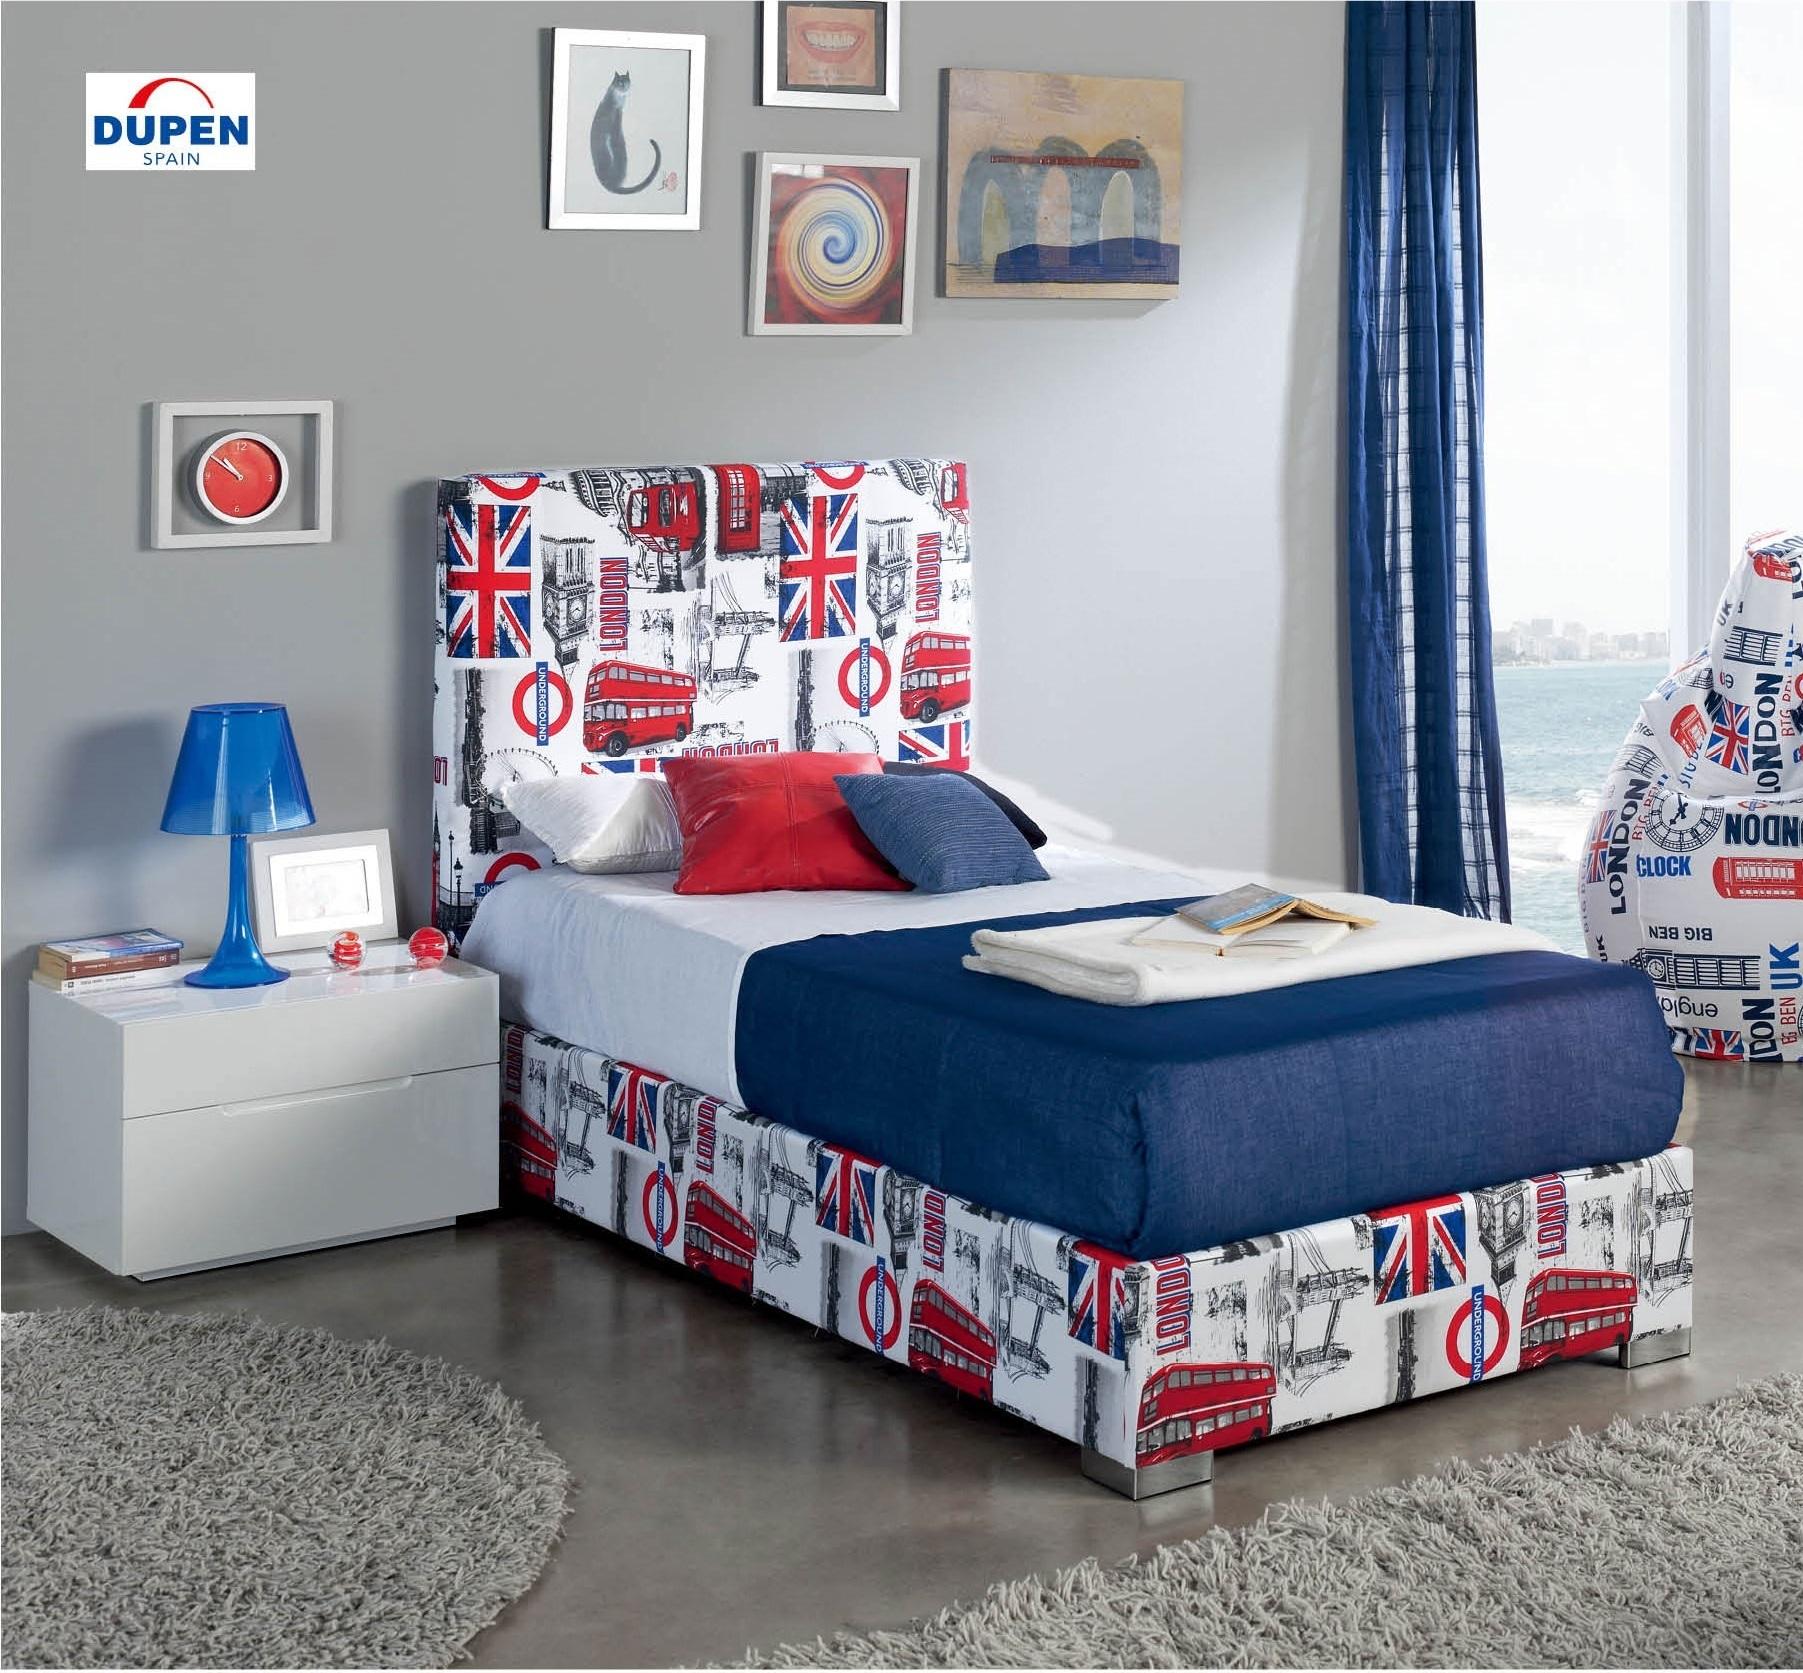 Кровать Dupen (Дюпен) 701 LONDON